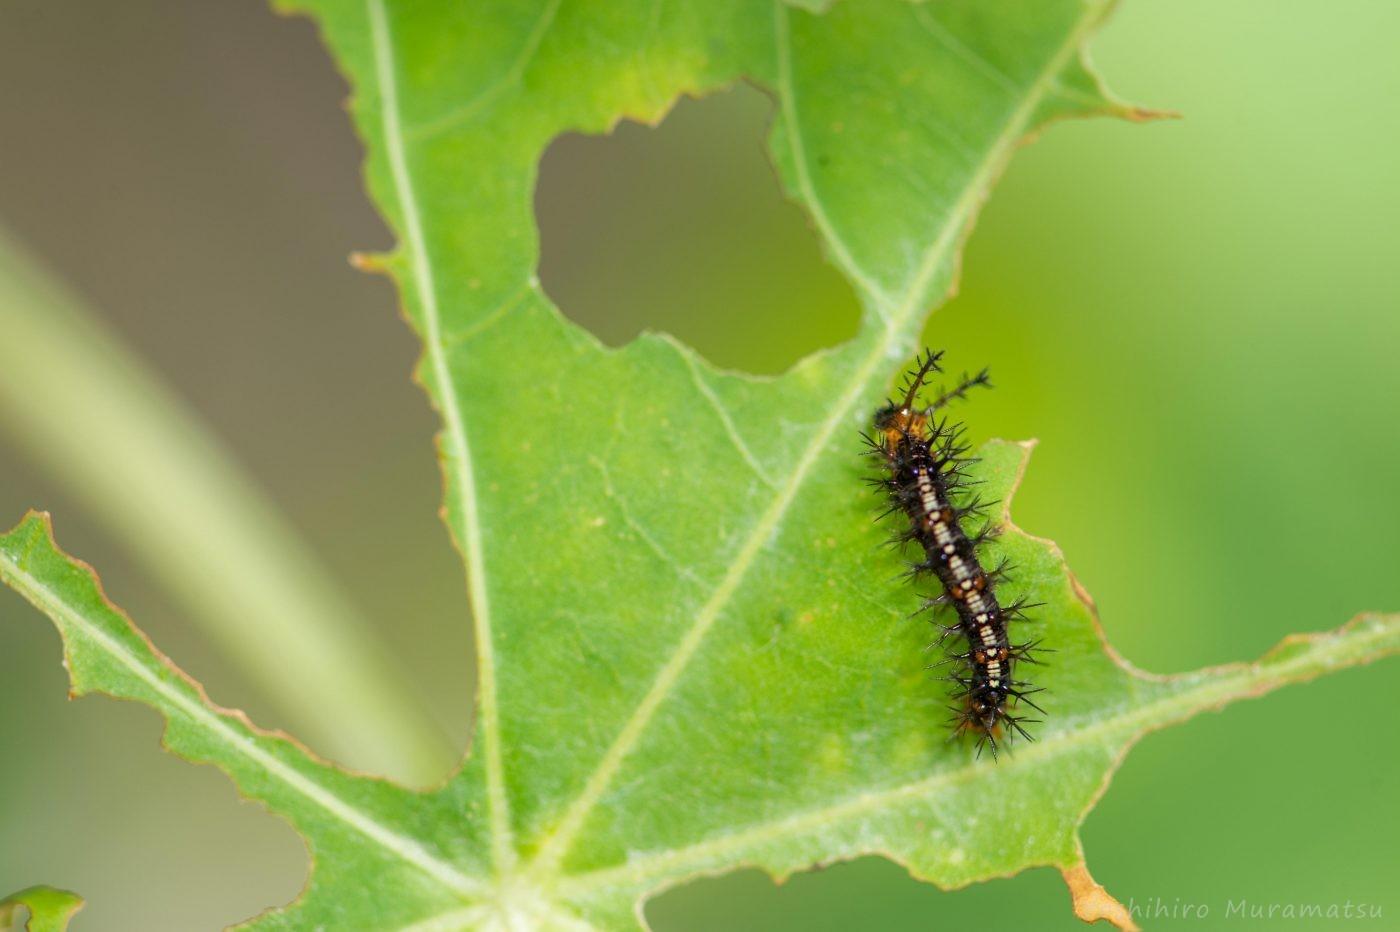 カバタテハ幼虫の写真